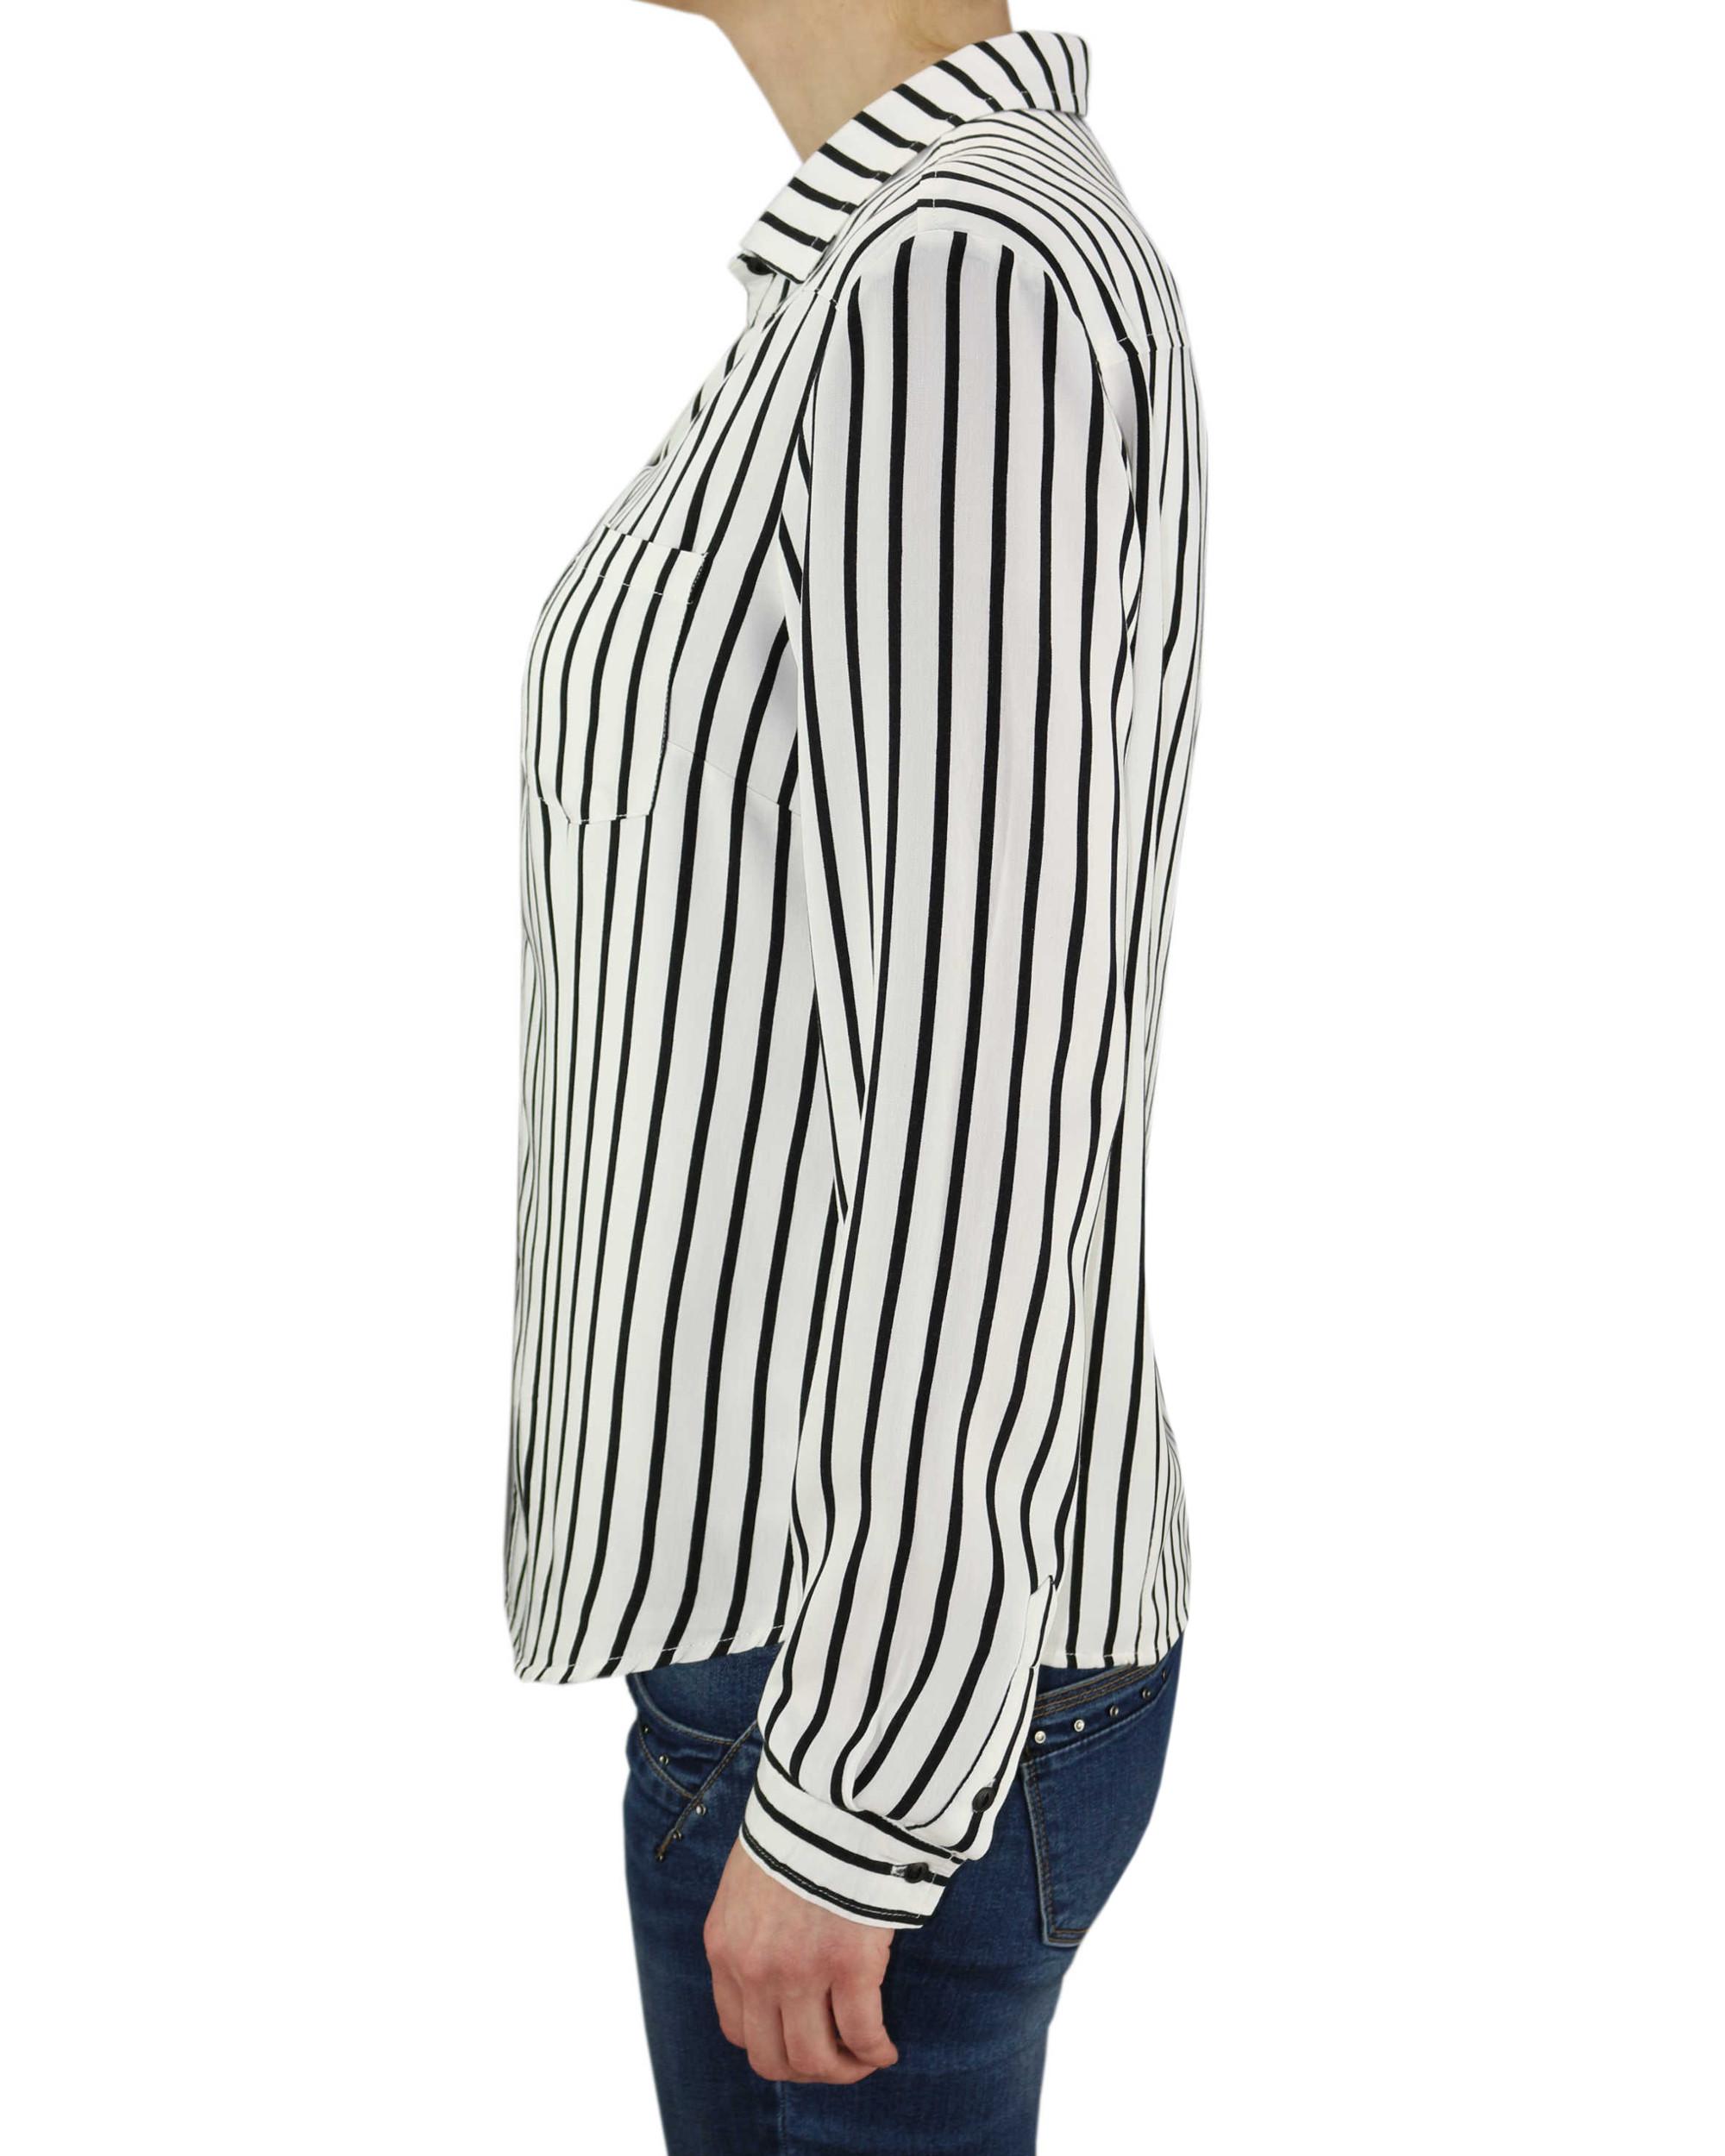 4bd48eef KHUJO Damen Bluse Tunika CONNY Shirt Streifen weiß schwarz langarm – Bild 2